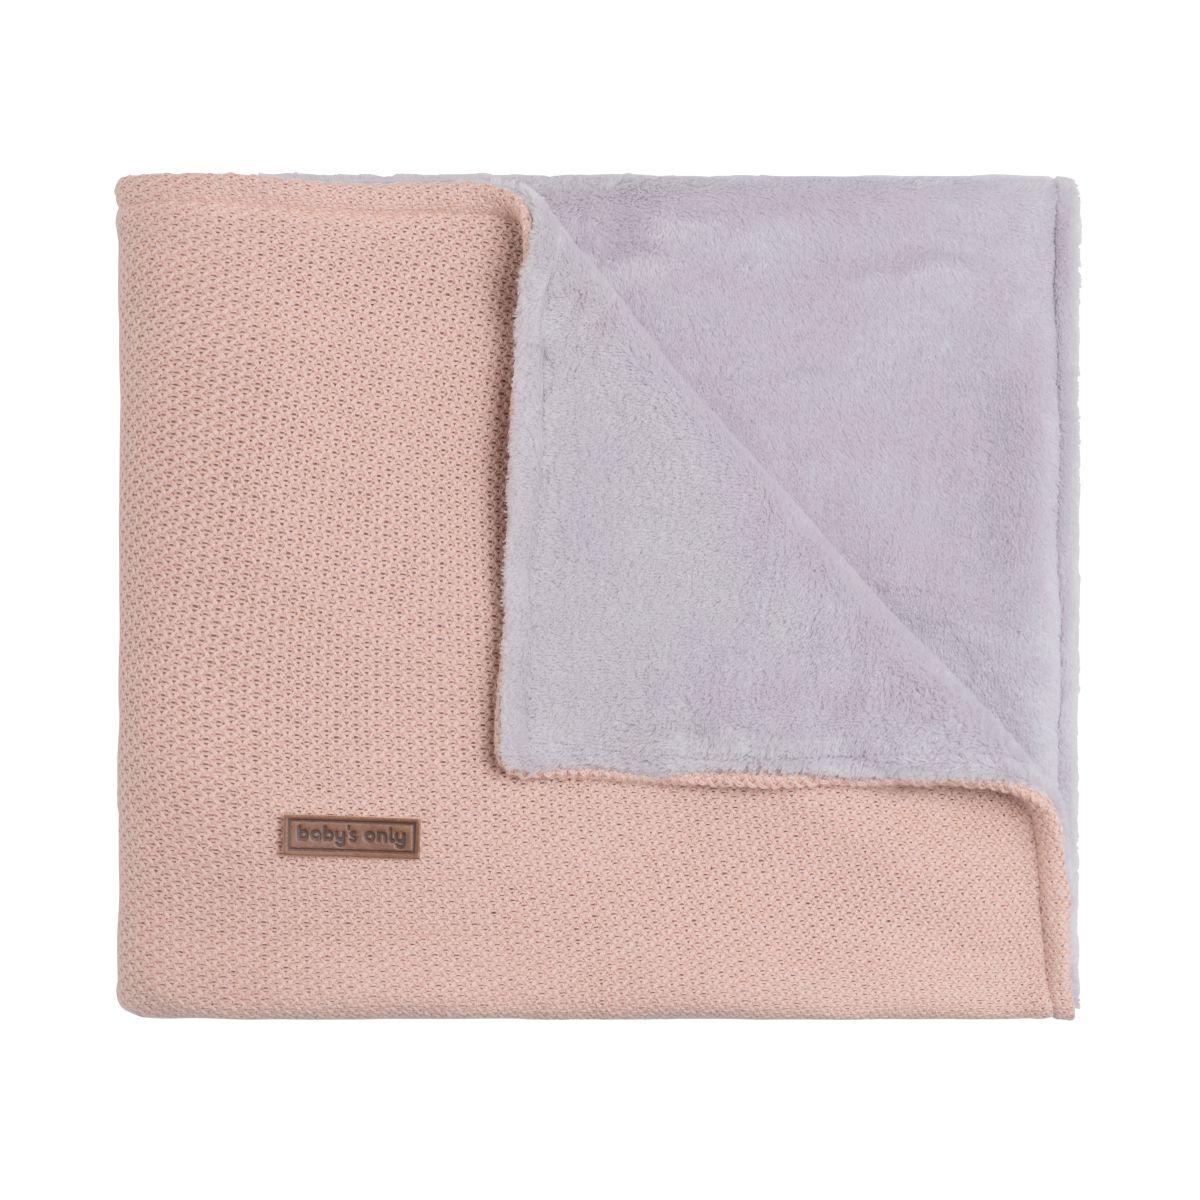 couverture berceau teddy classic blush